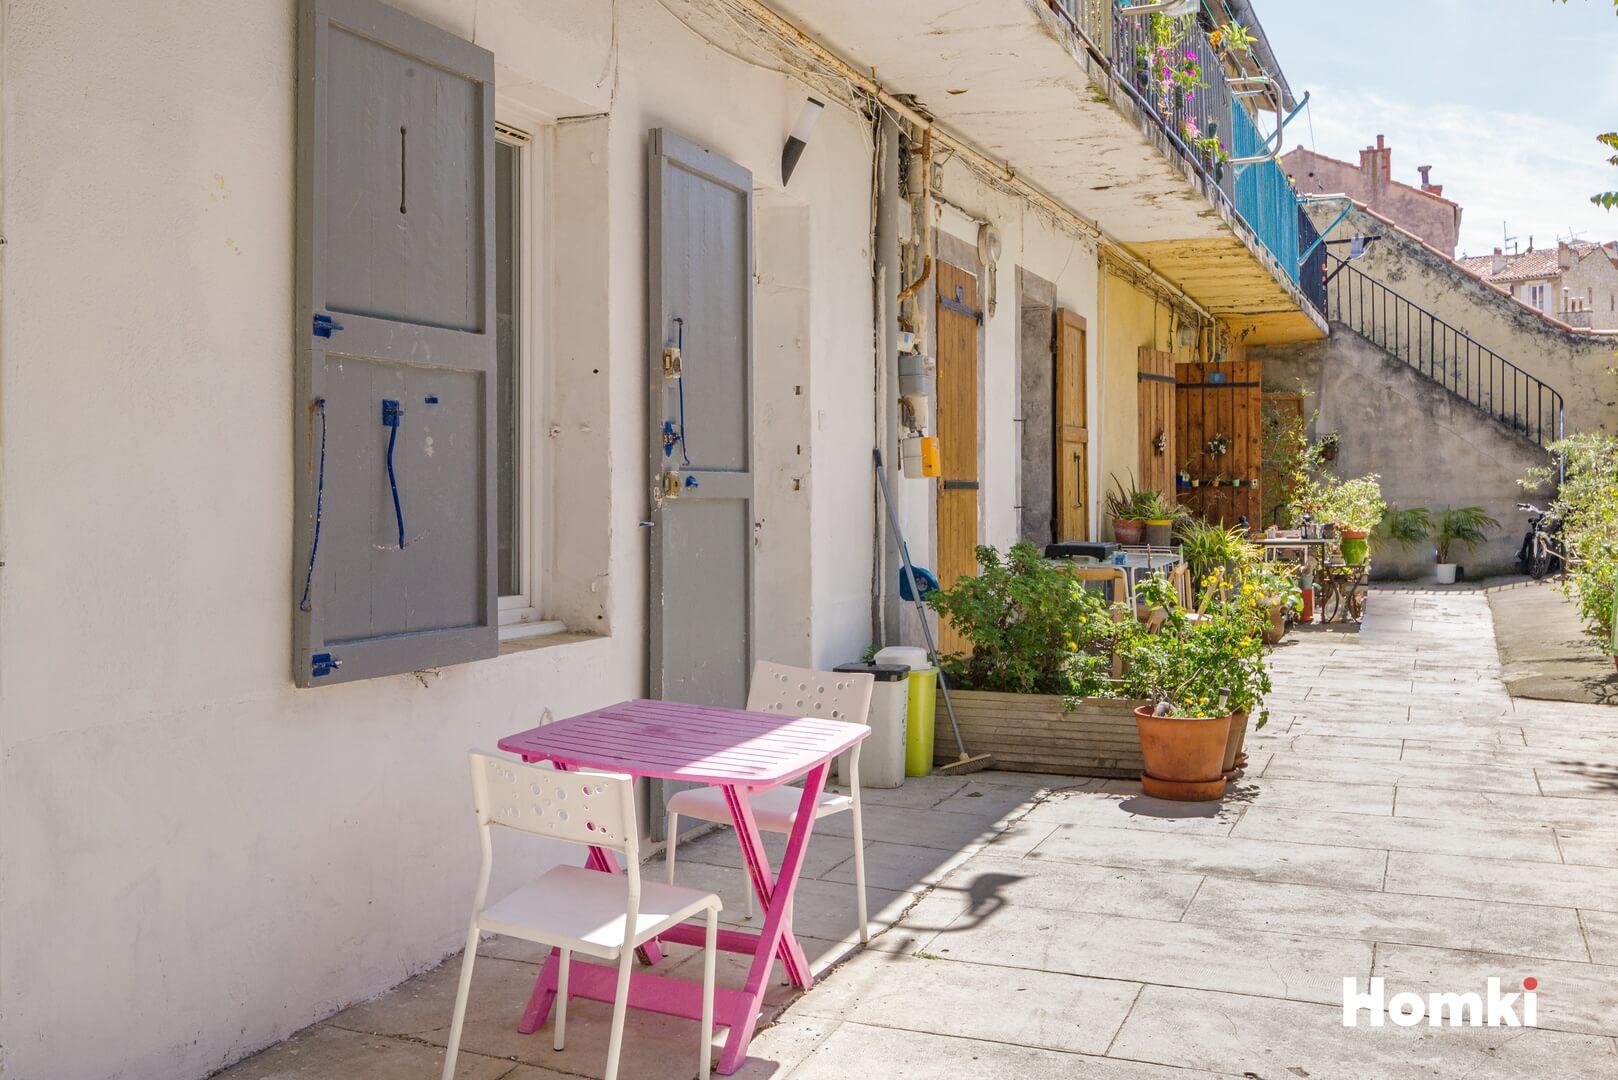 Homki - Vente Maison de ville  de 100.0 m² à Marseille 13007